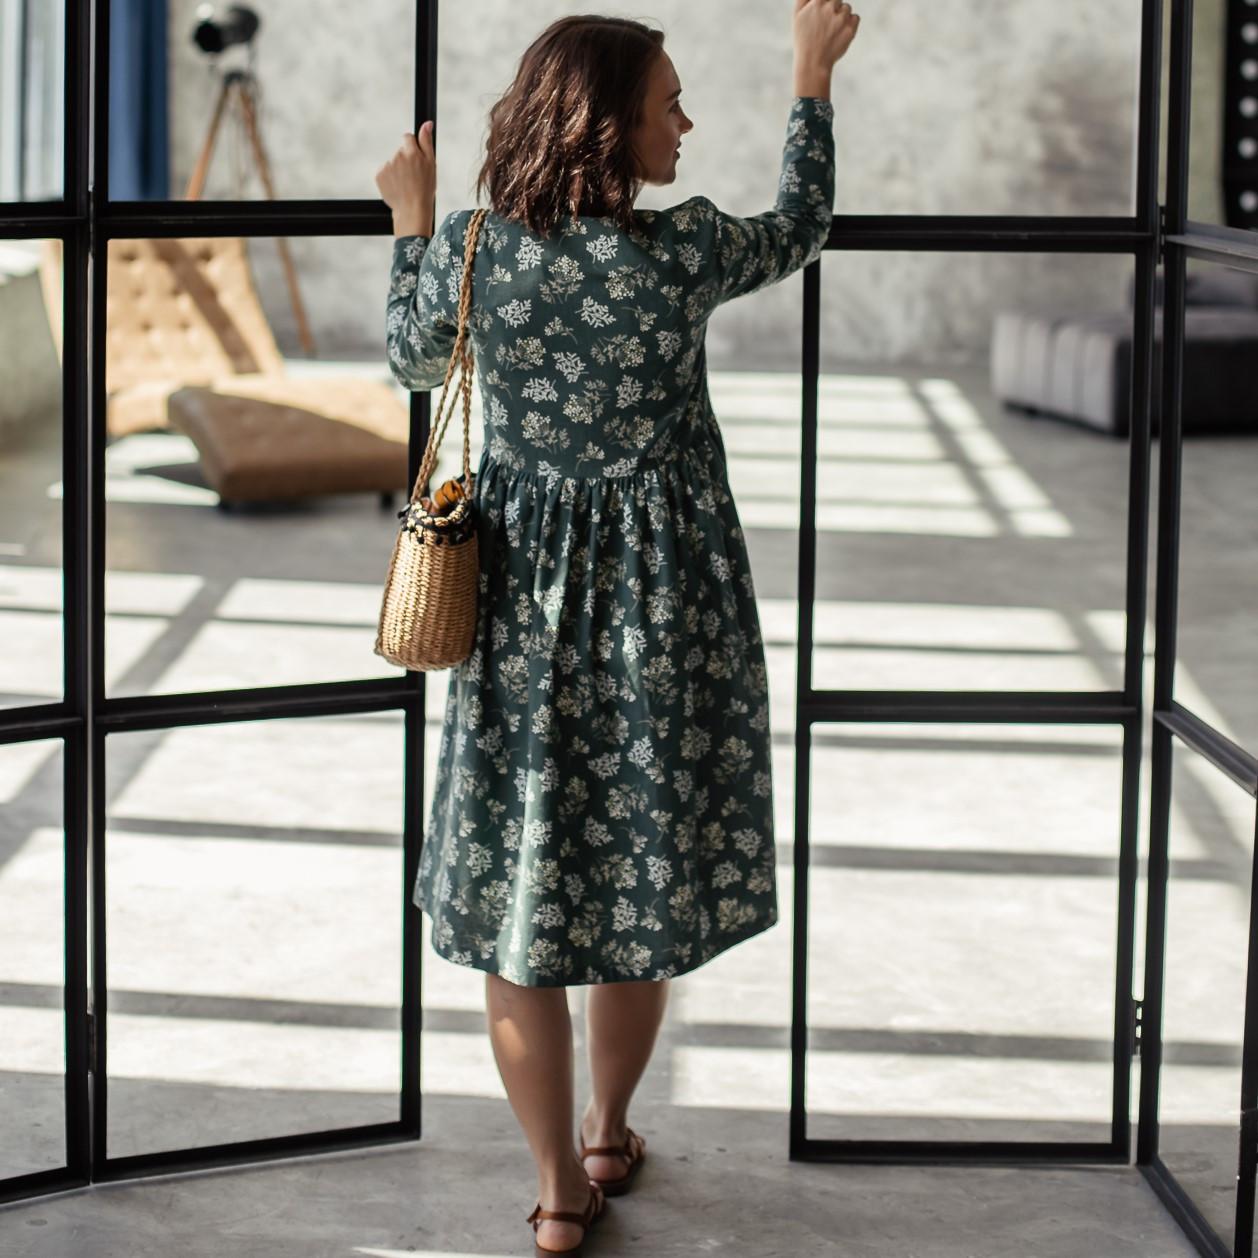 Льняное платье-халат зеленого цвета с растительным принтом. - фото 3